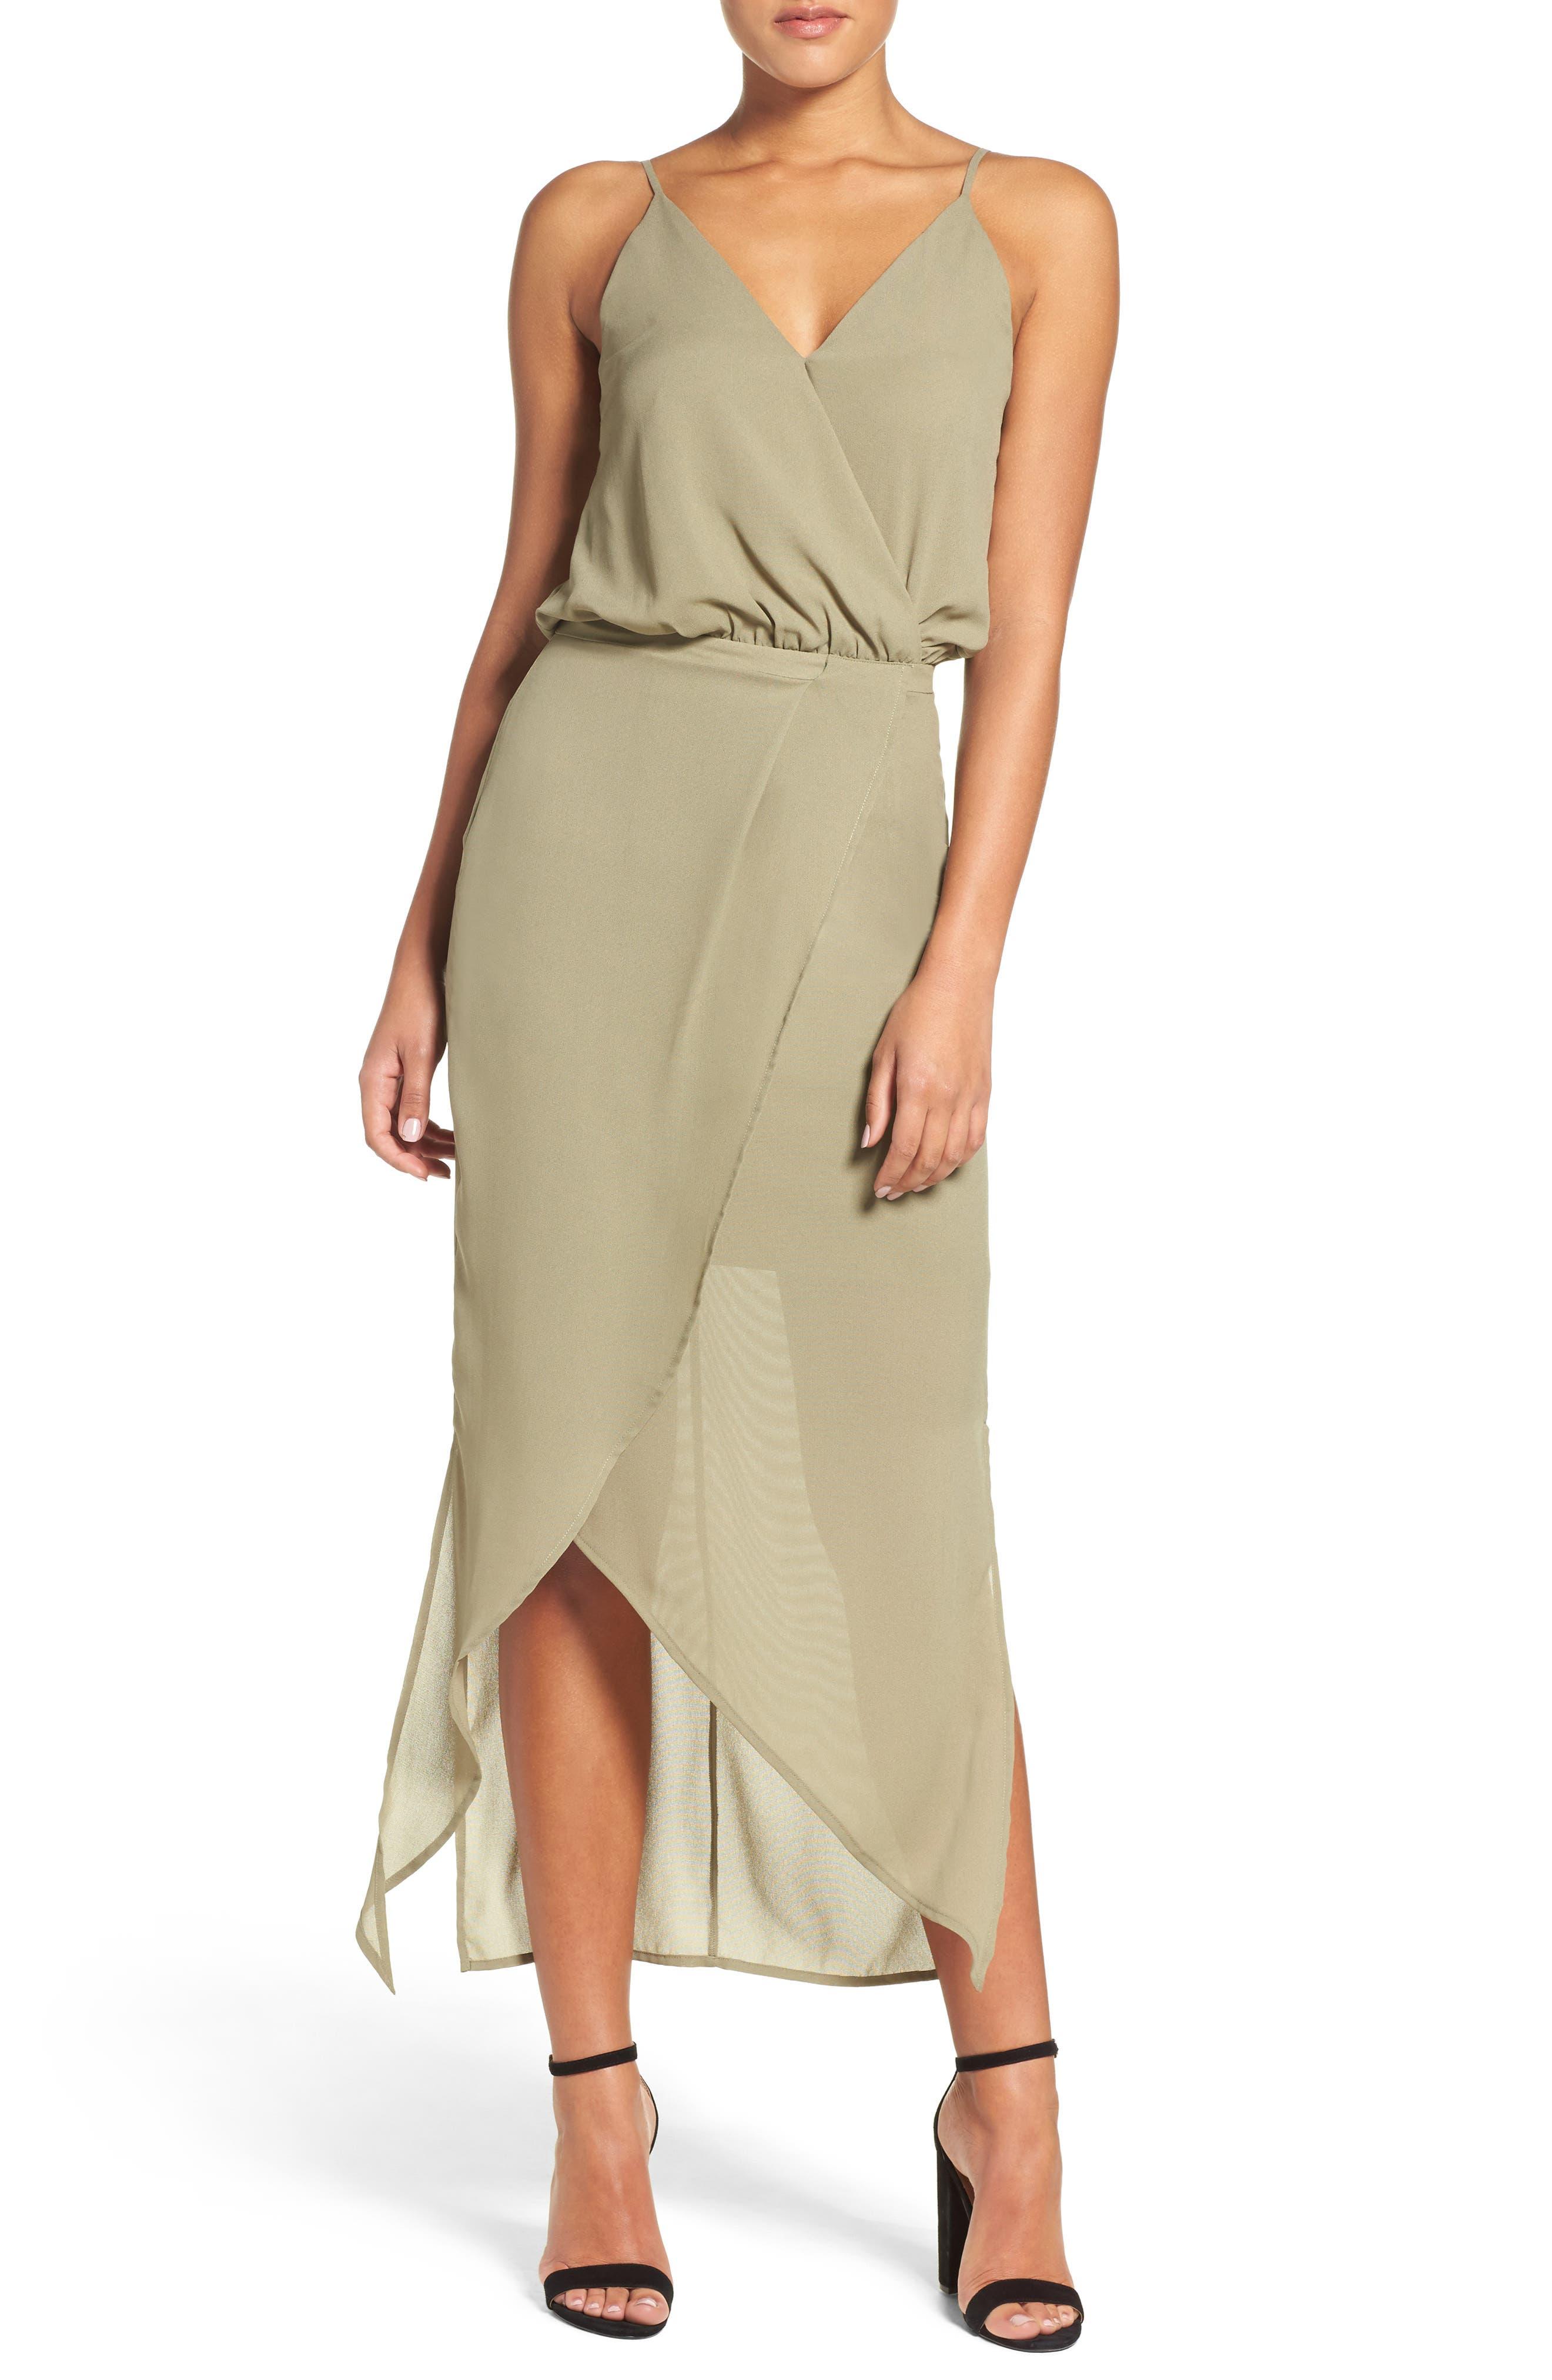 Cooper St Illustrious Maxi Dress